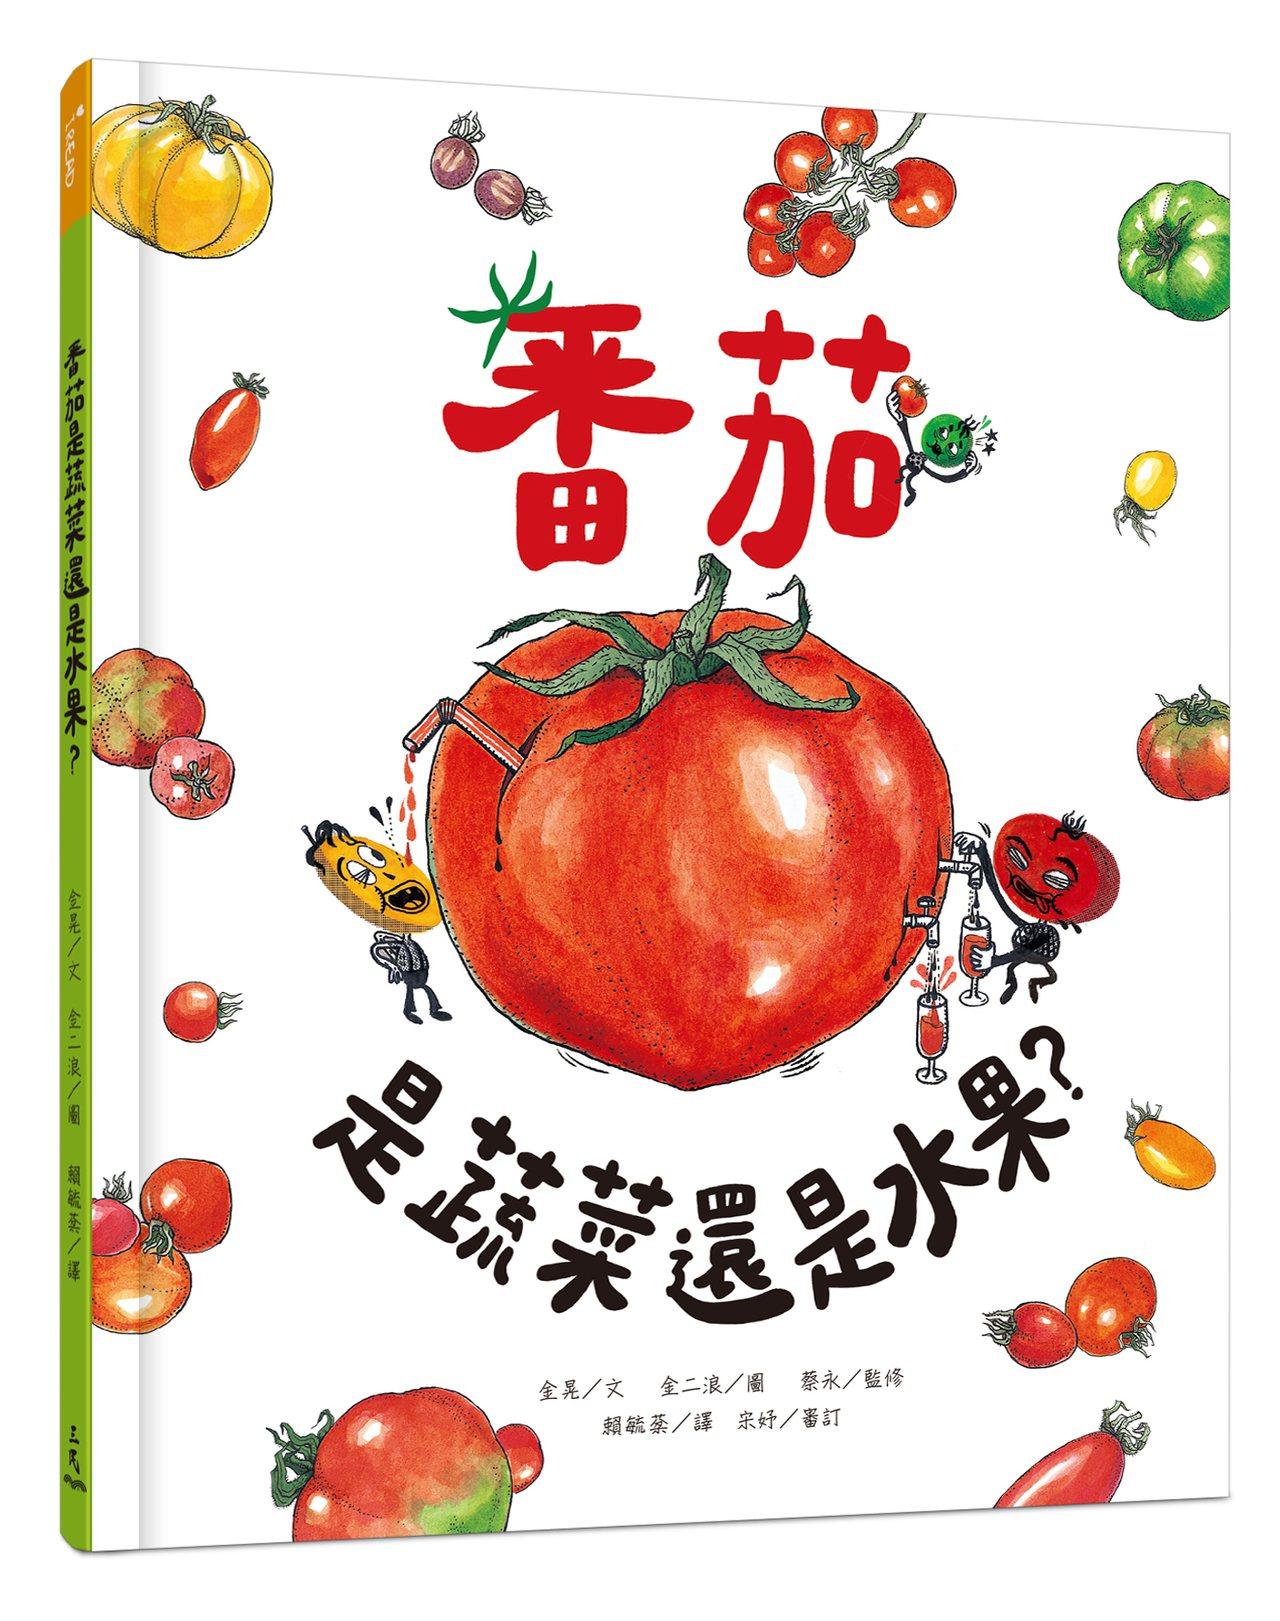 而台灣面臨少子化,家長反而對下一代更投入關愛,童書行情看俏。圖/三民書局提供